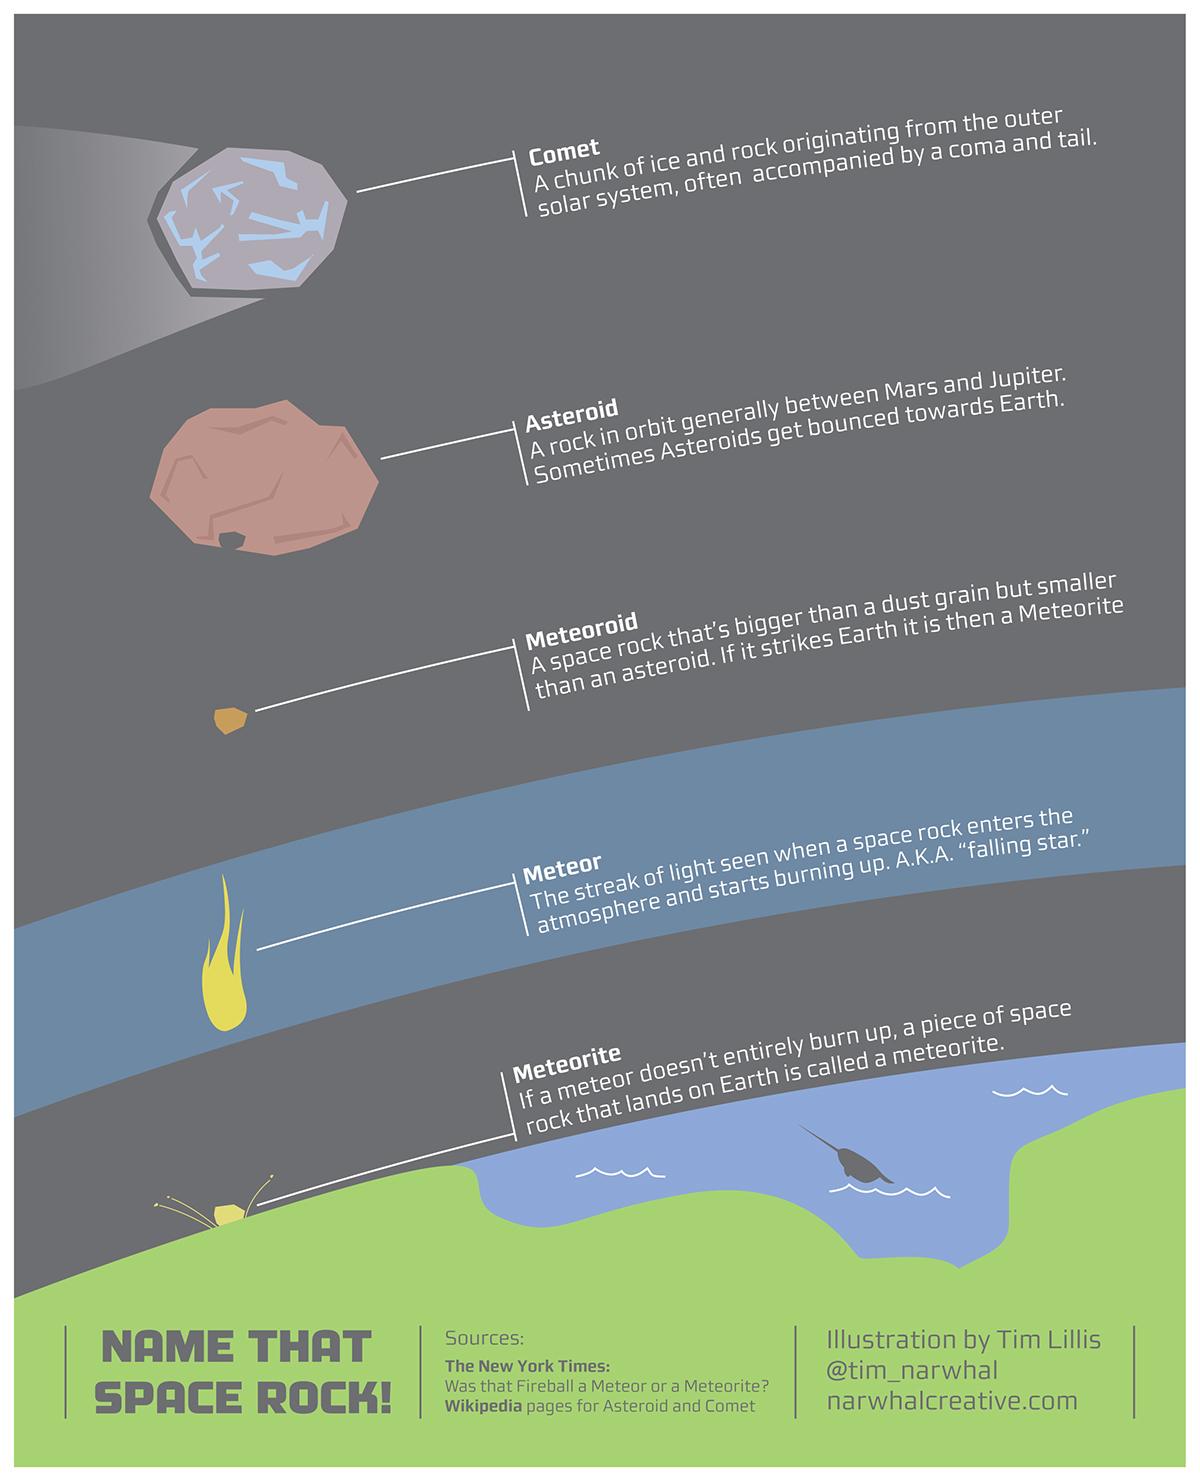 Comet meteorite